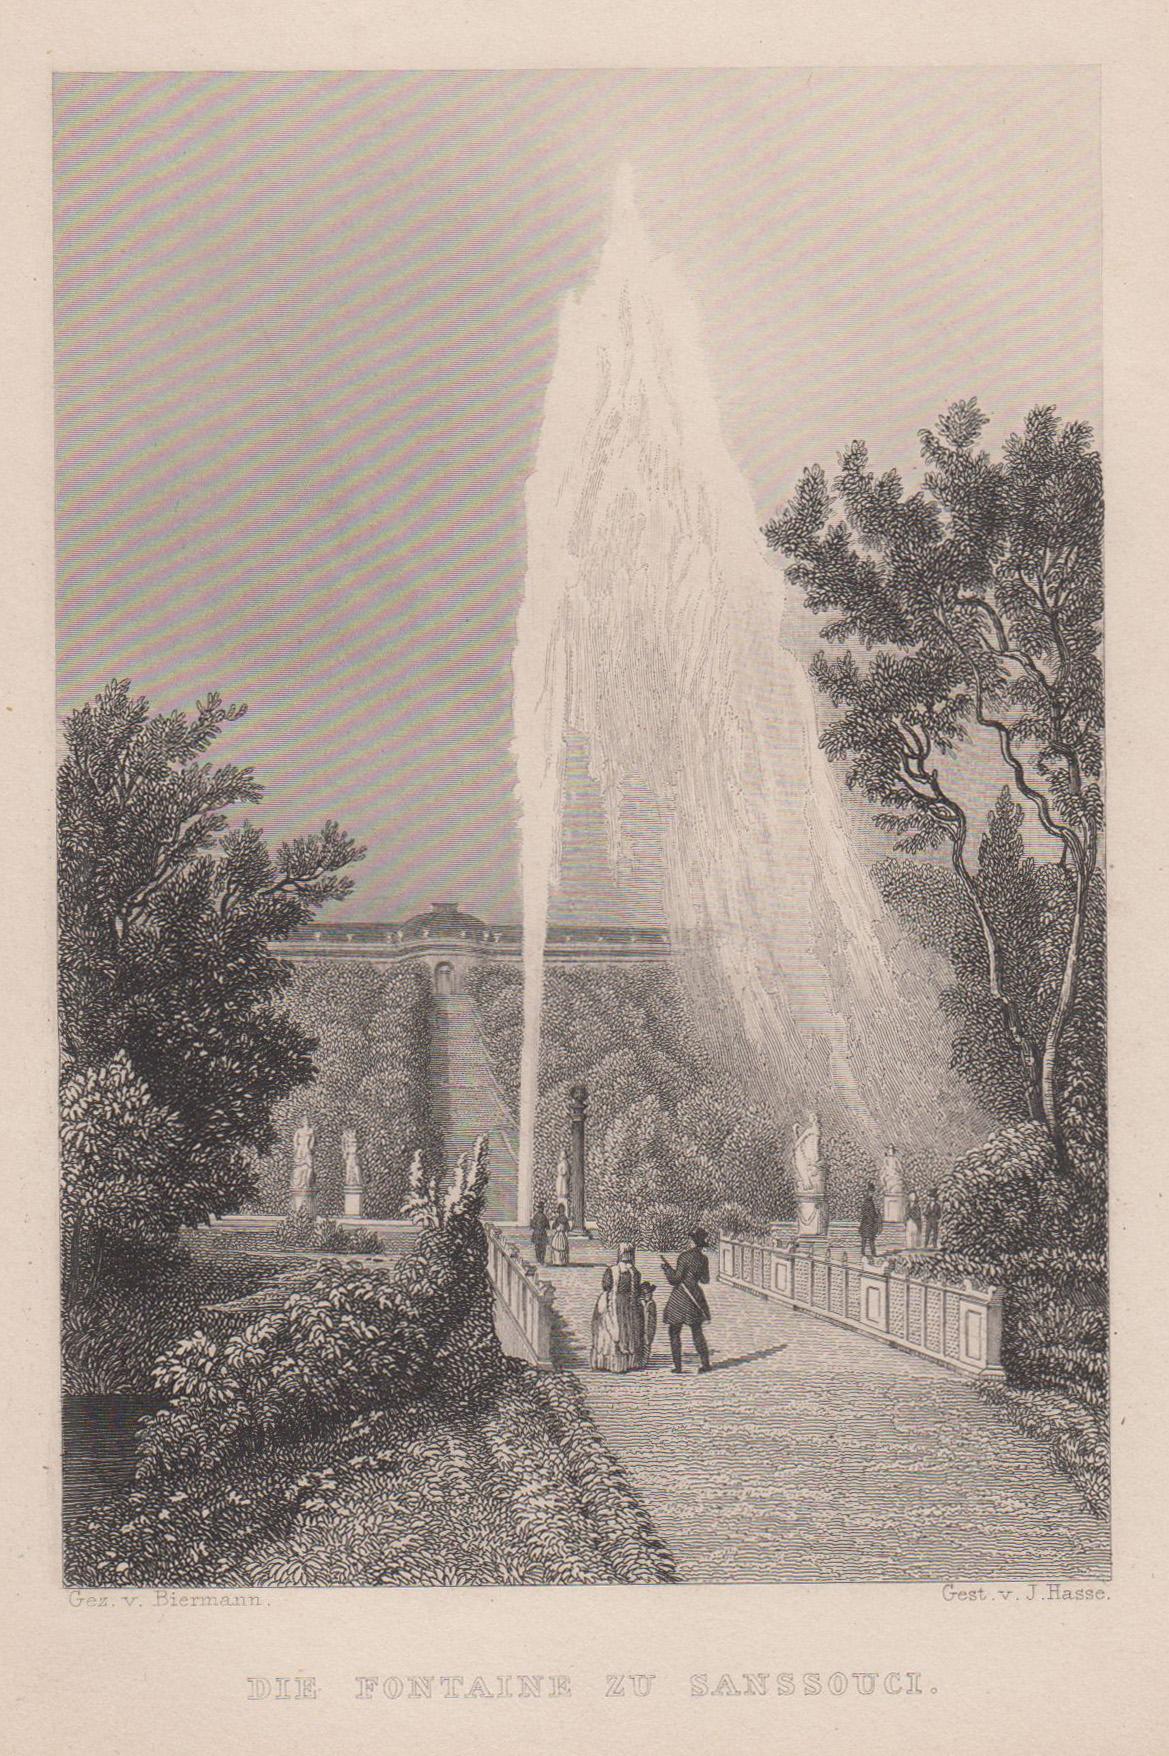 """Südseite, im Vordergrund """"Die Fontane zu Sannsouci."""".: Potsdam - Schloss"""